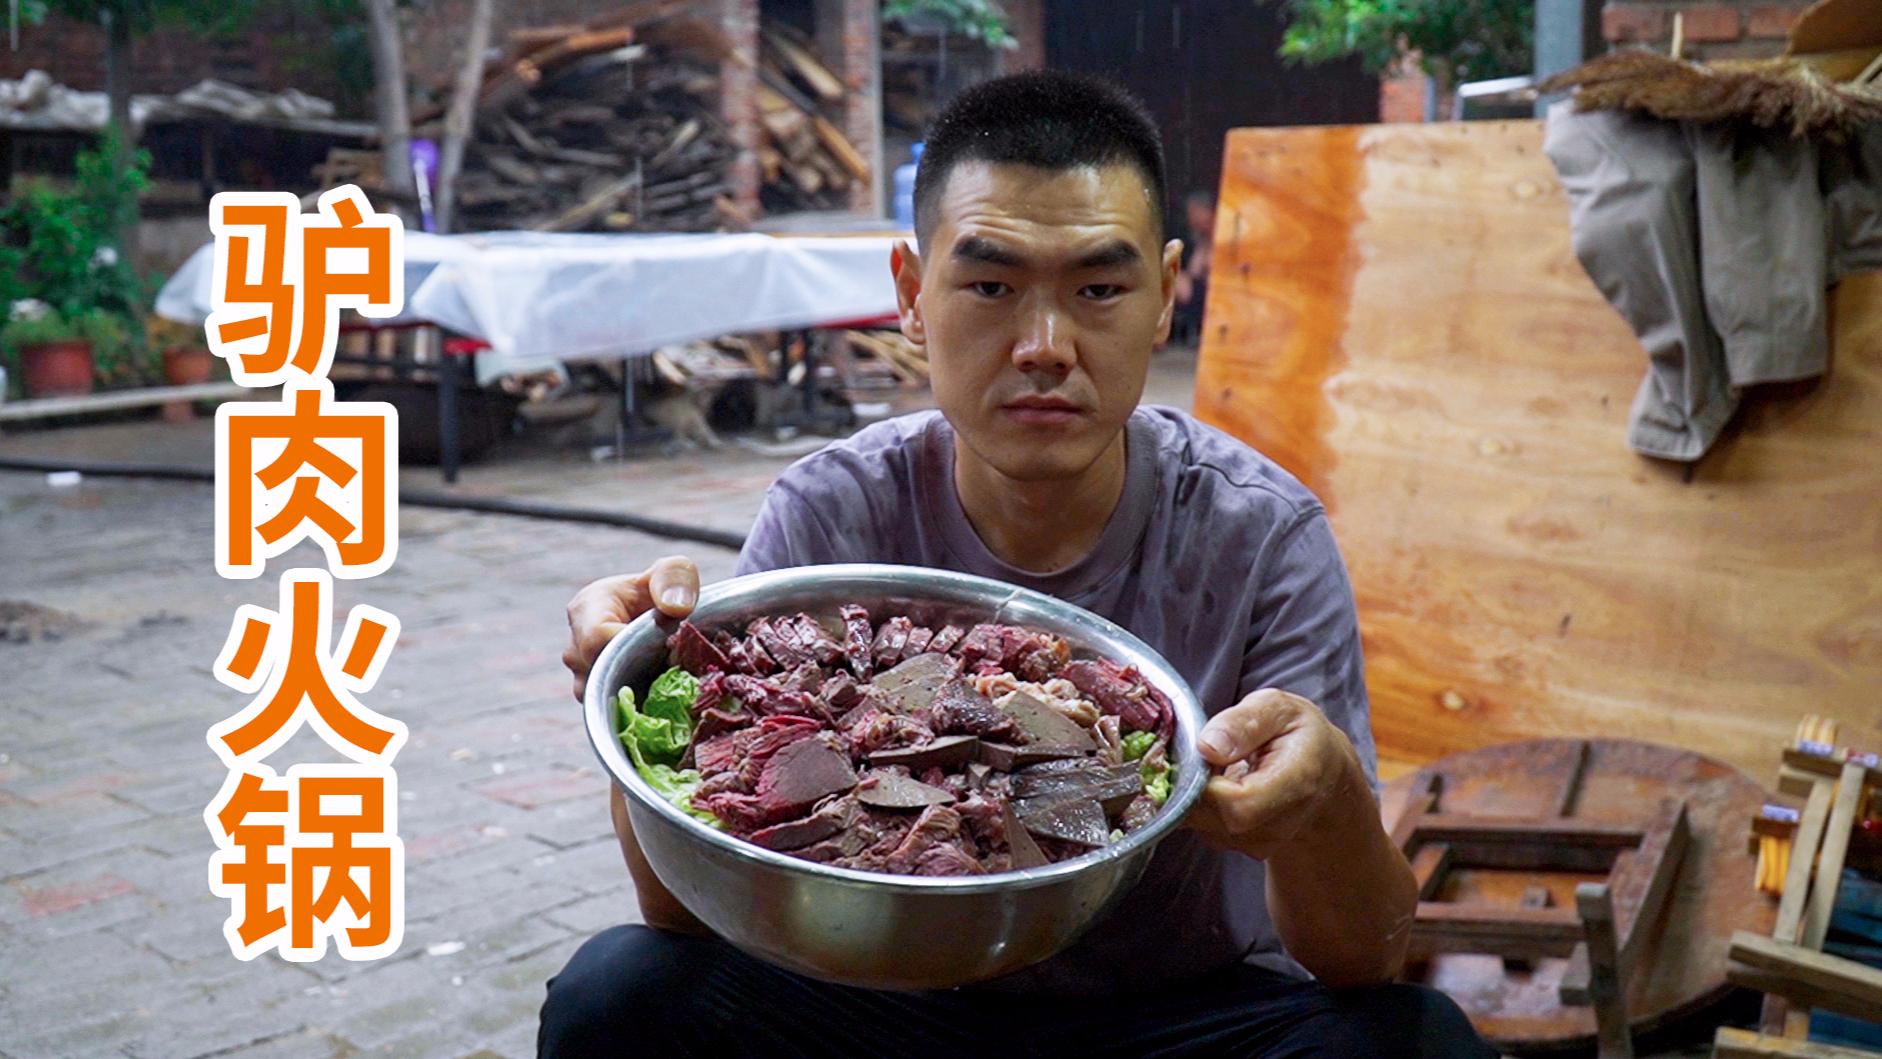 大雨天朋友来家吃驴肉火锅,驴肉驴肝拼一锅,麻辣汤底,吃着冒汗